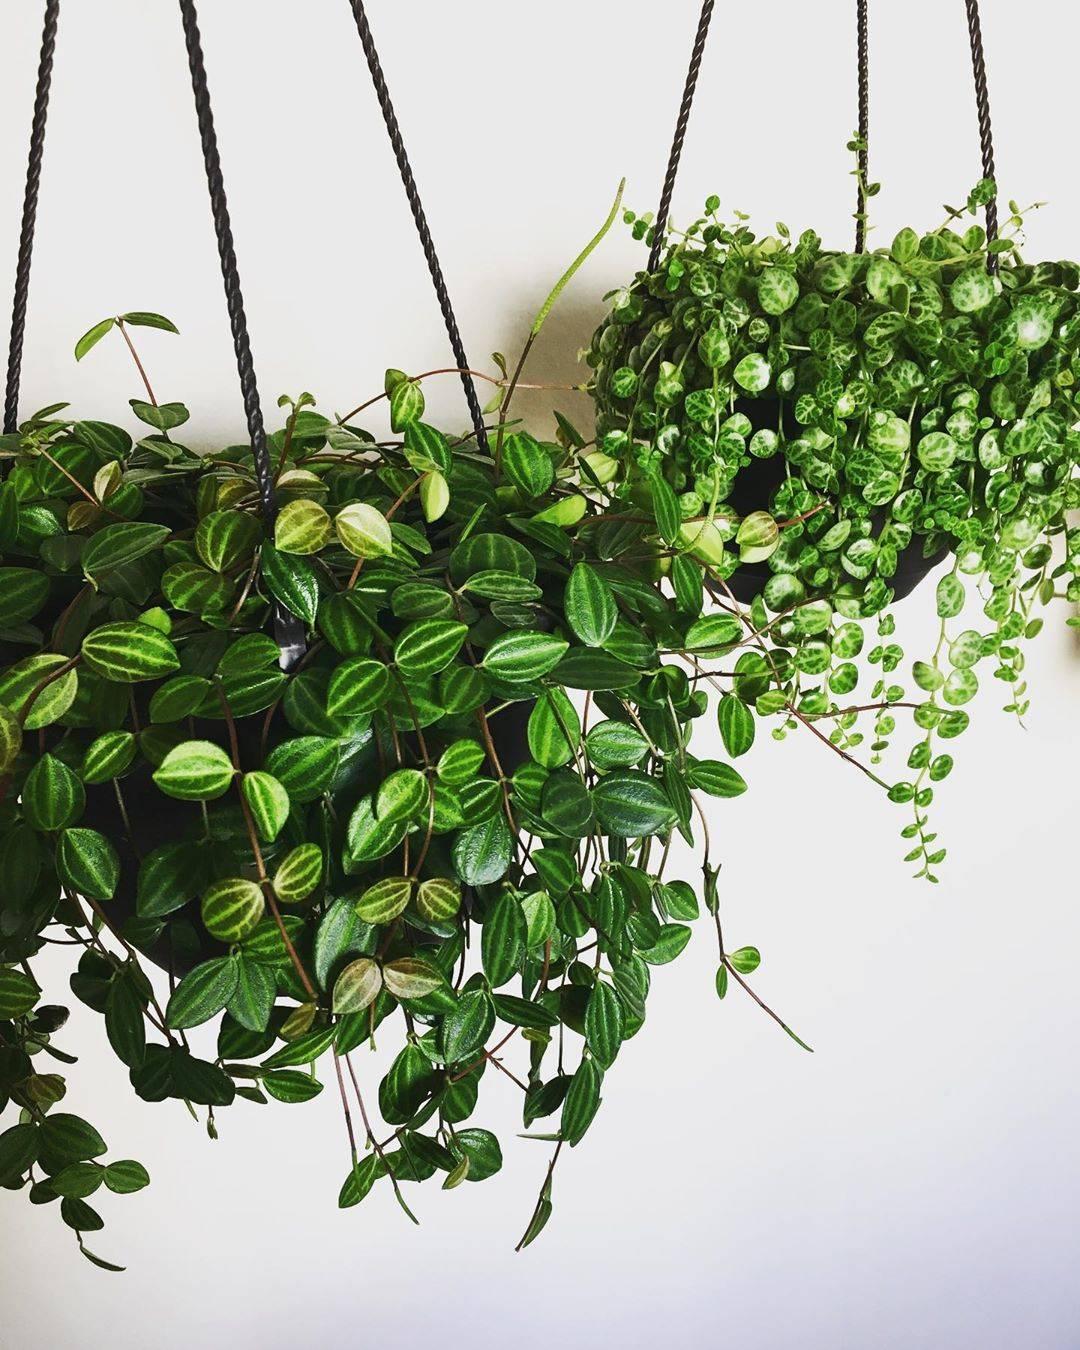 Ампельные цветы, однолетние ампельные цветущие растения в горшках